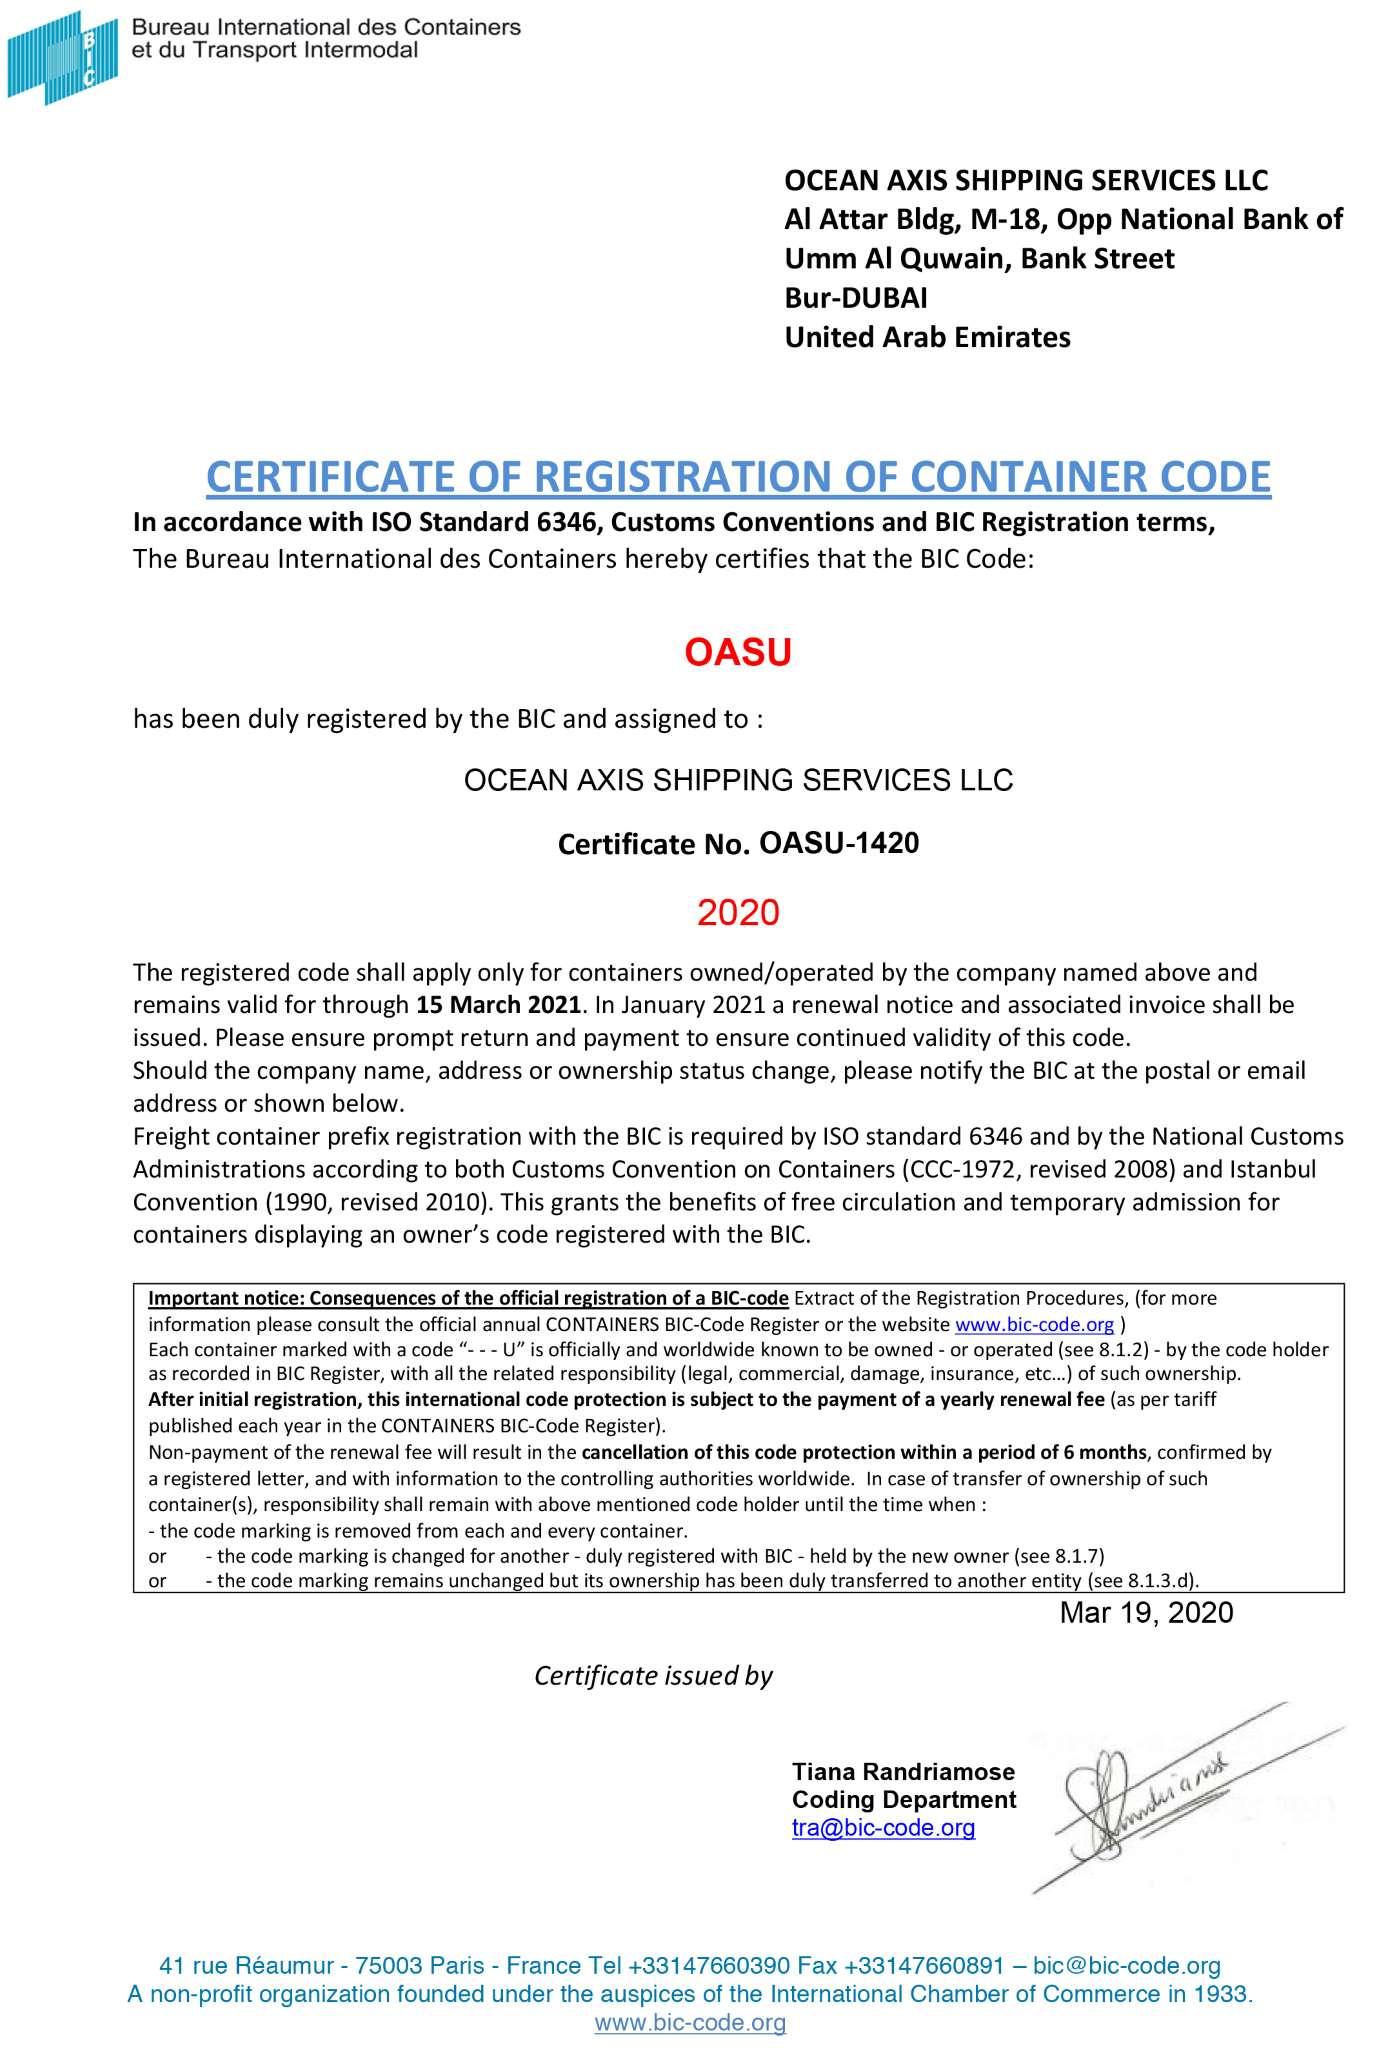 Bic certificate